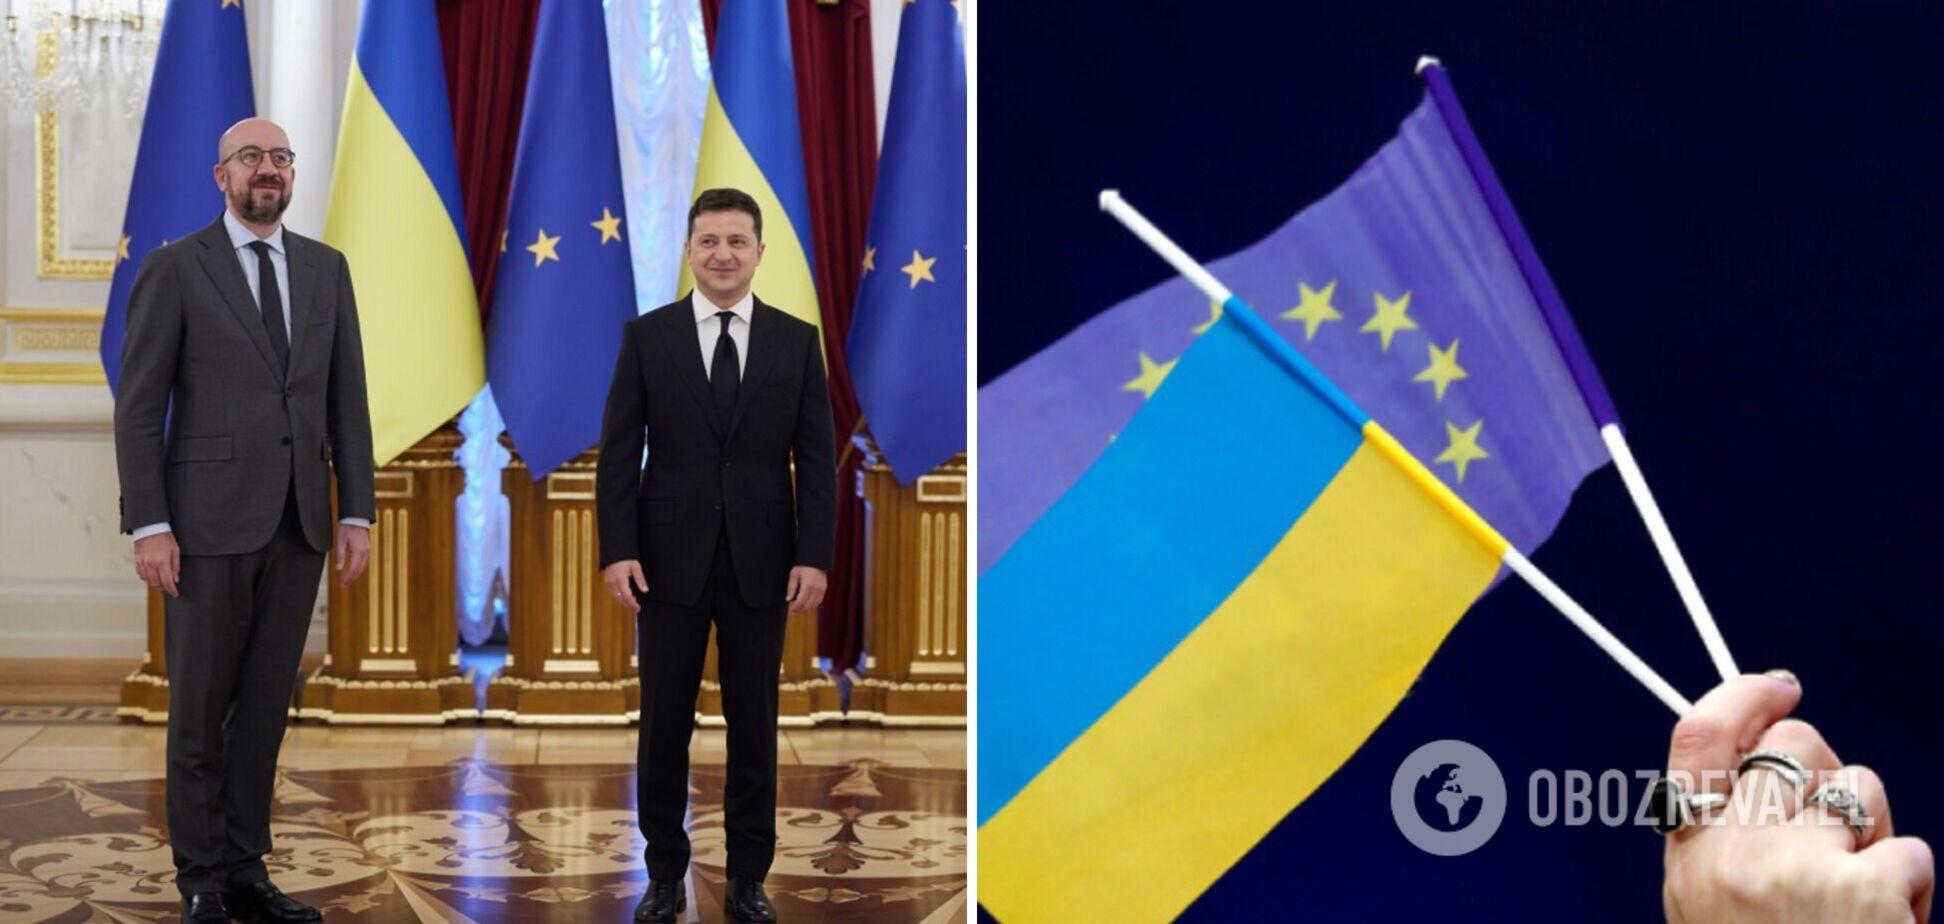 Зеленский: сигнал о перспективах членства Украины в ЕС должен получить каждый украинец